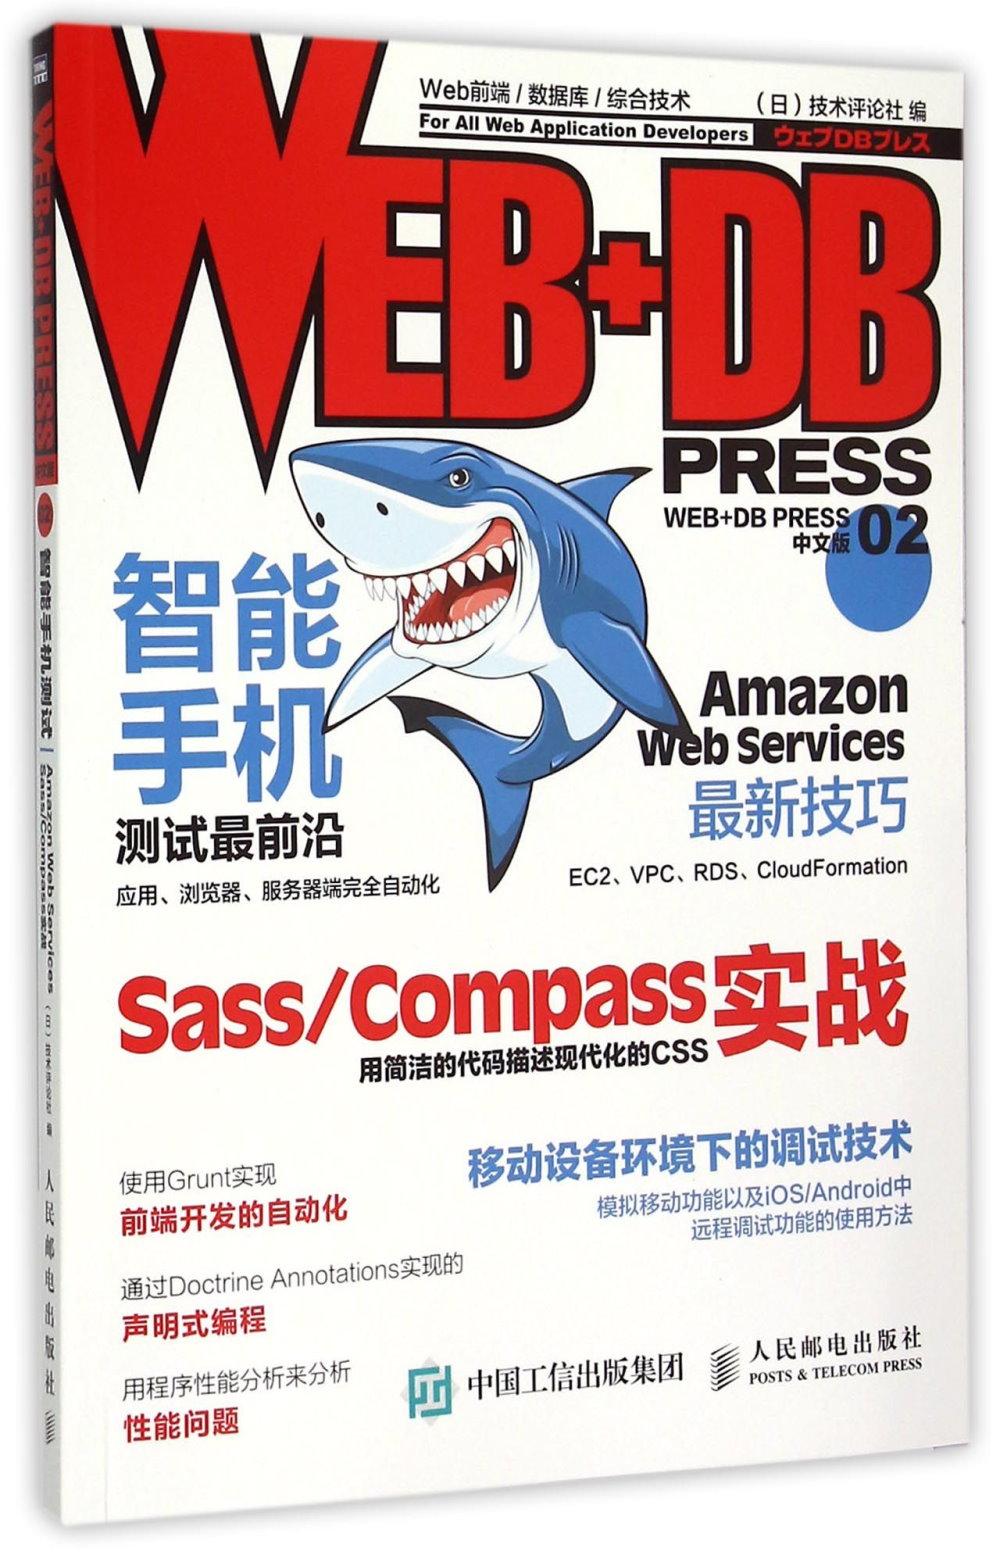 WEB DB PRESS中文版.2